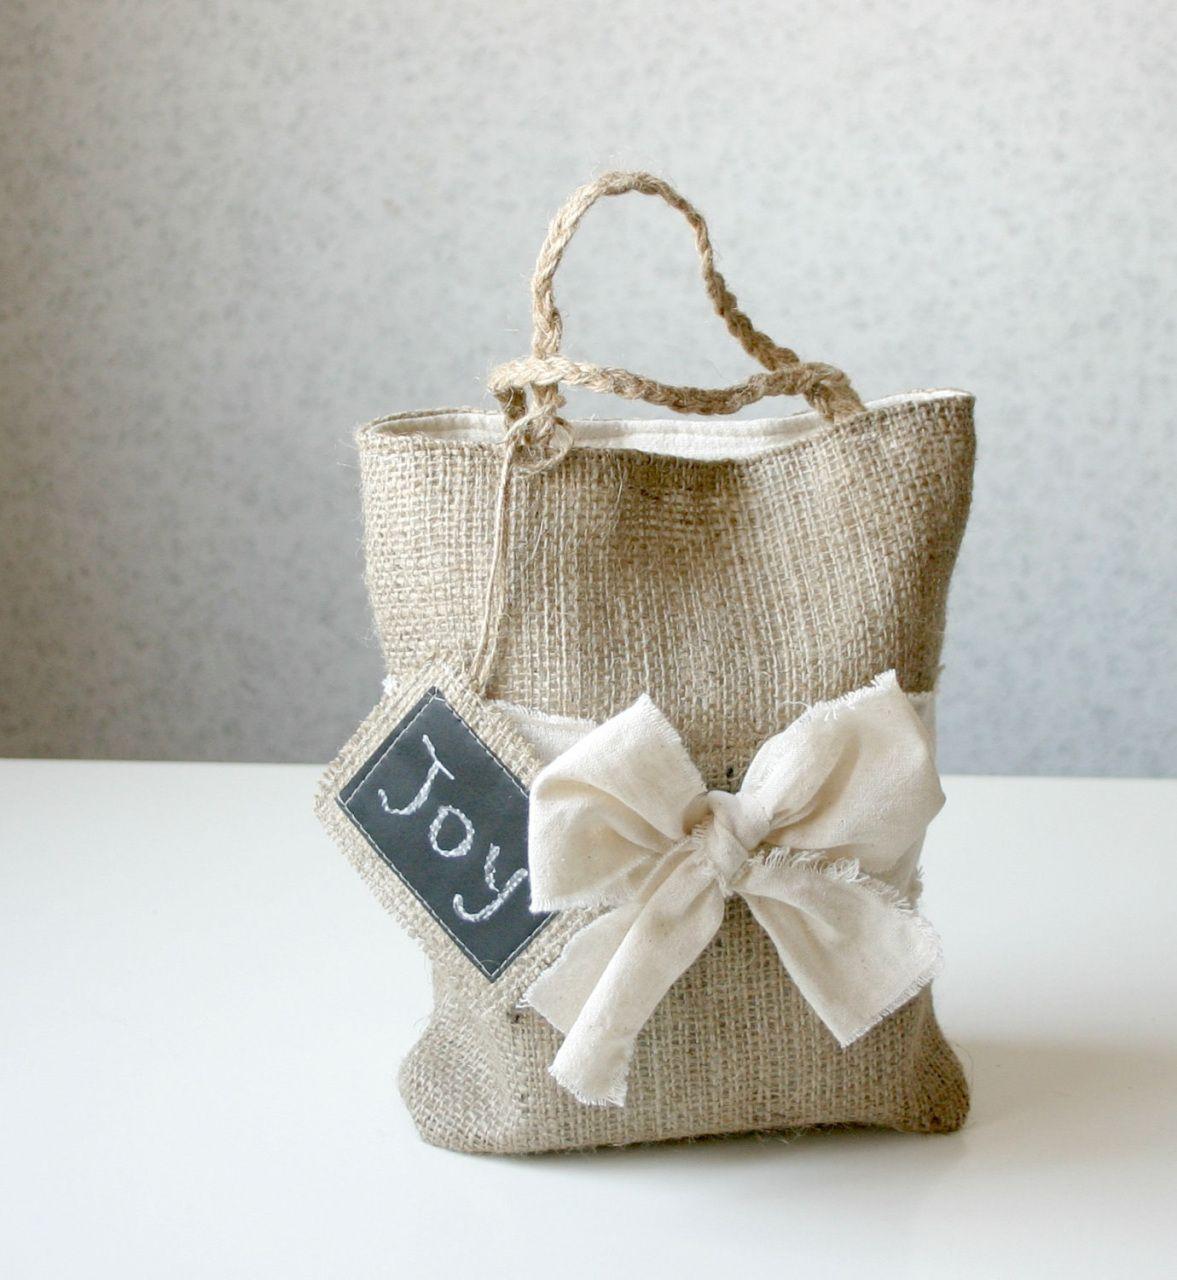 19ed1ef2c bolsas de yute | IDEAS CON TELAS DE SACO | Burlap gift bags, Bags y ...